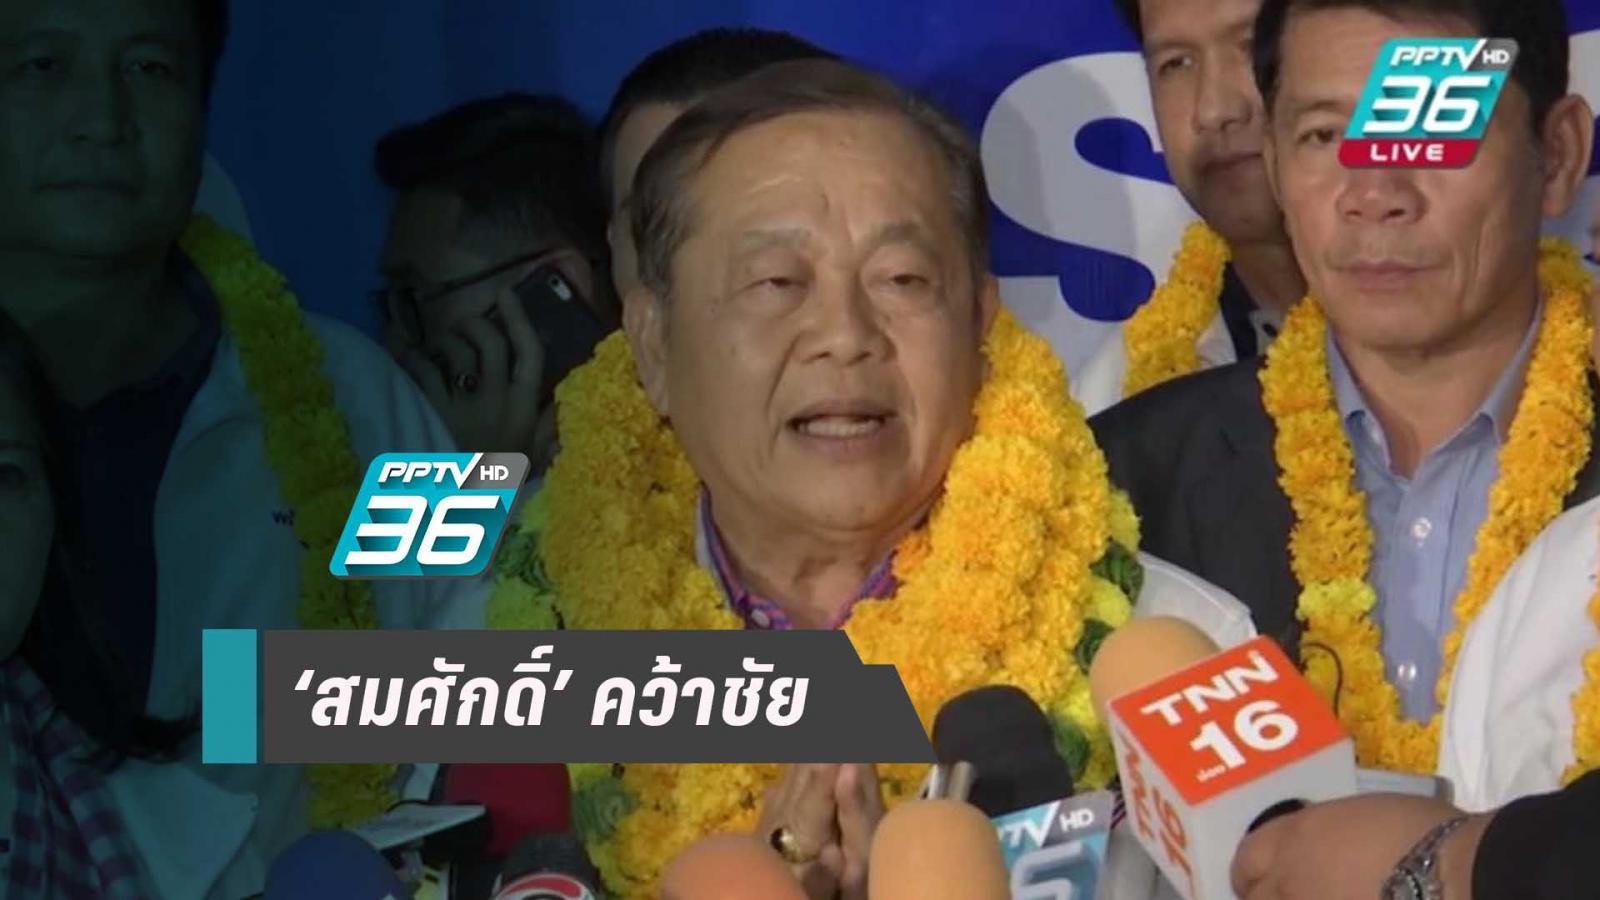 'พปชร.' ชนะ 'เพื่อไทย' ครองส.ส.ขอนแก่น คะแนนทิ้งห่างกว่า 2 พัน